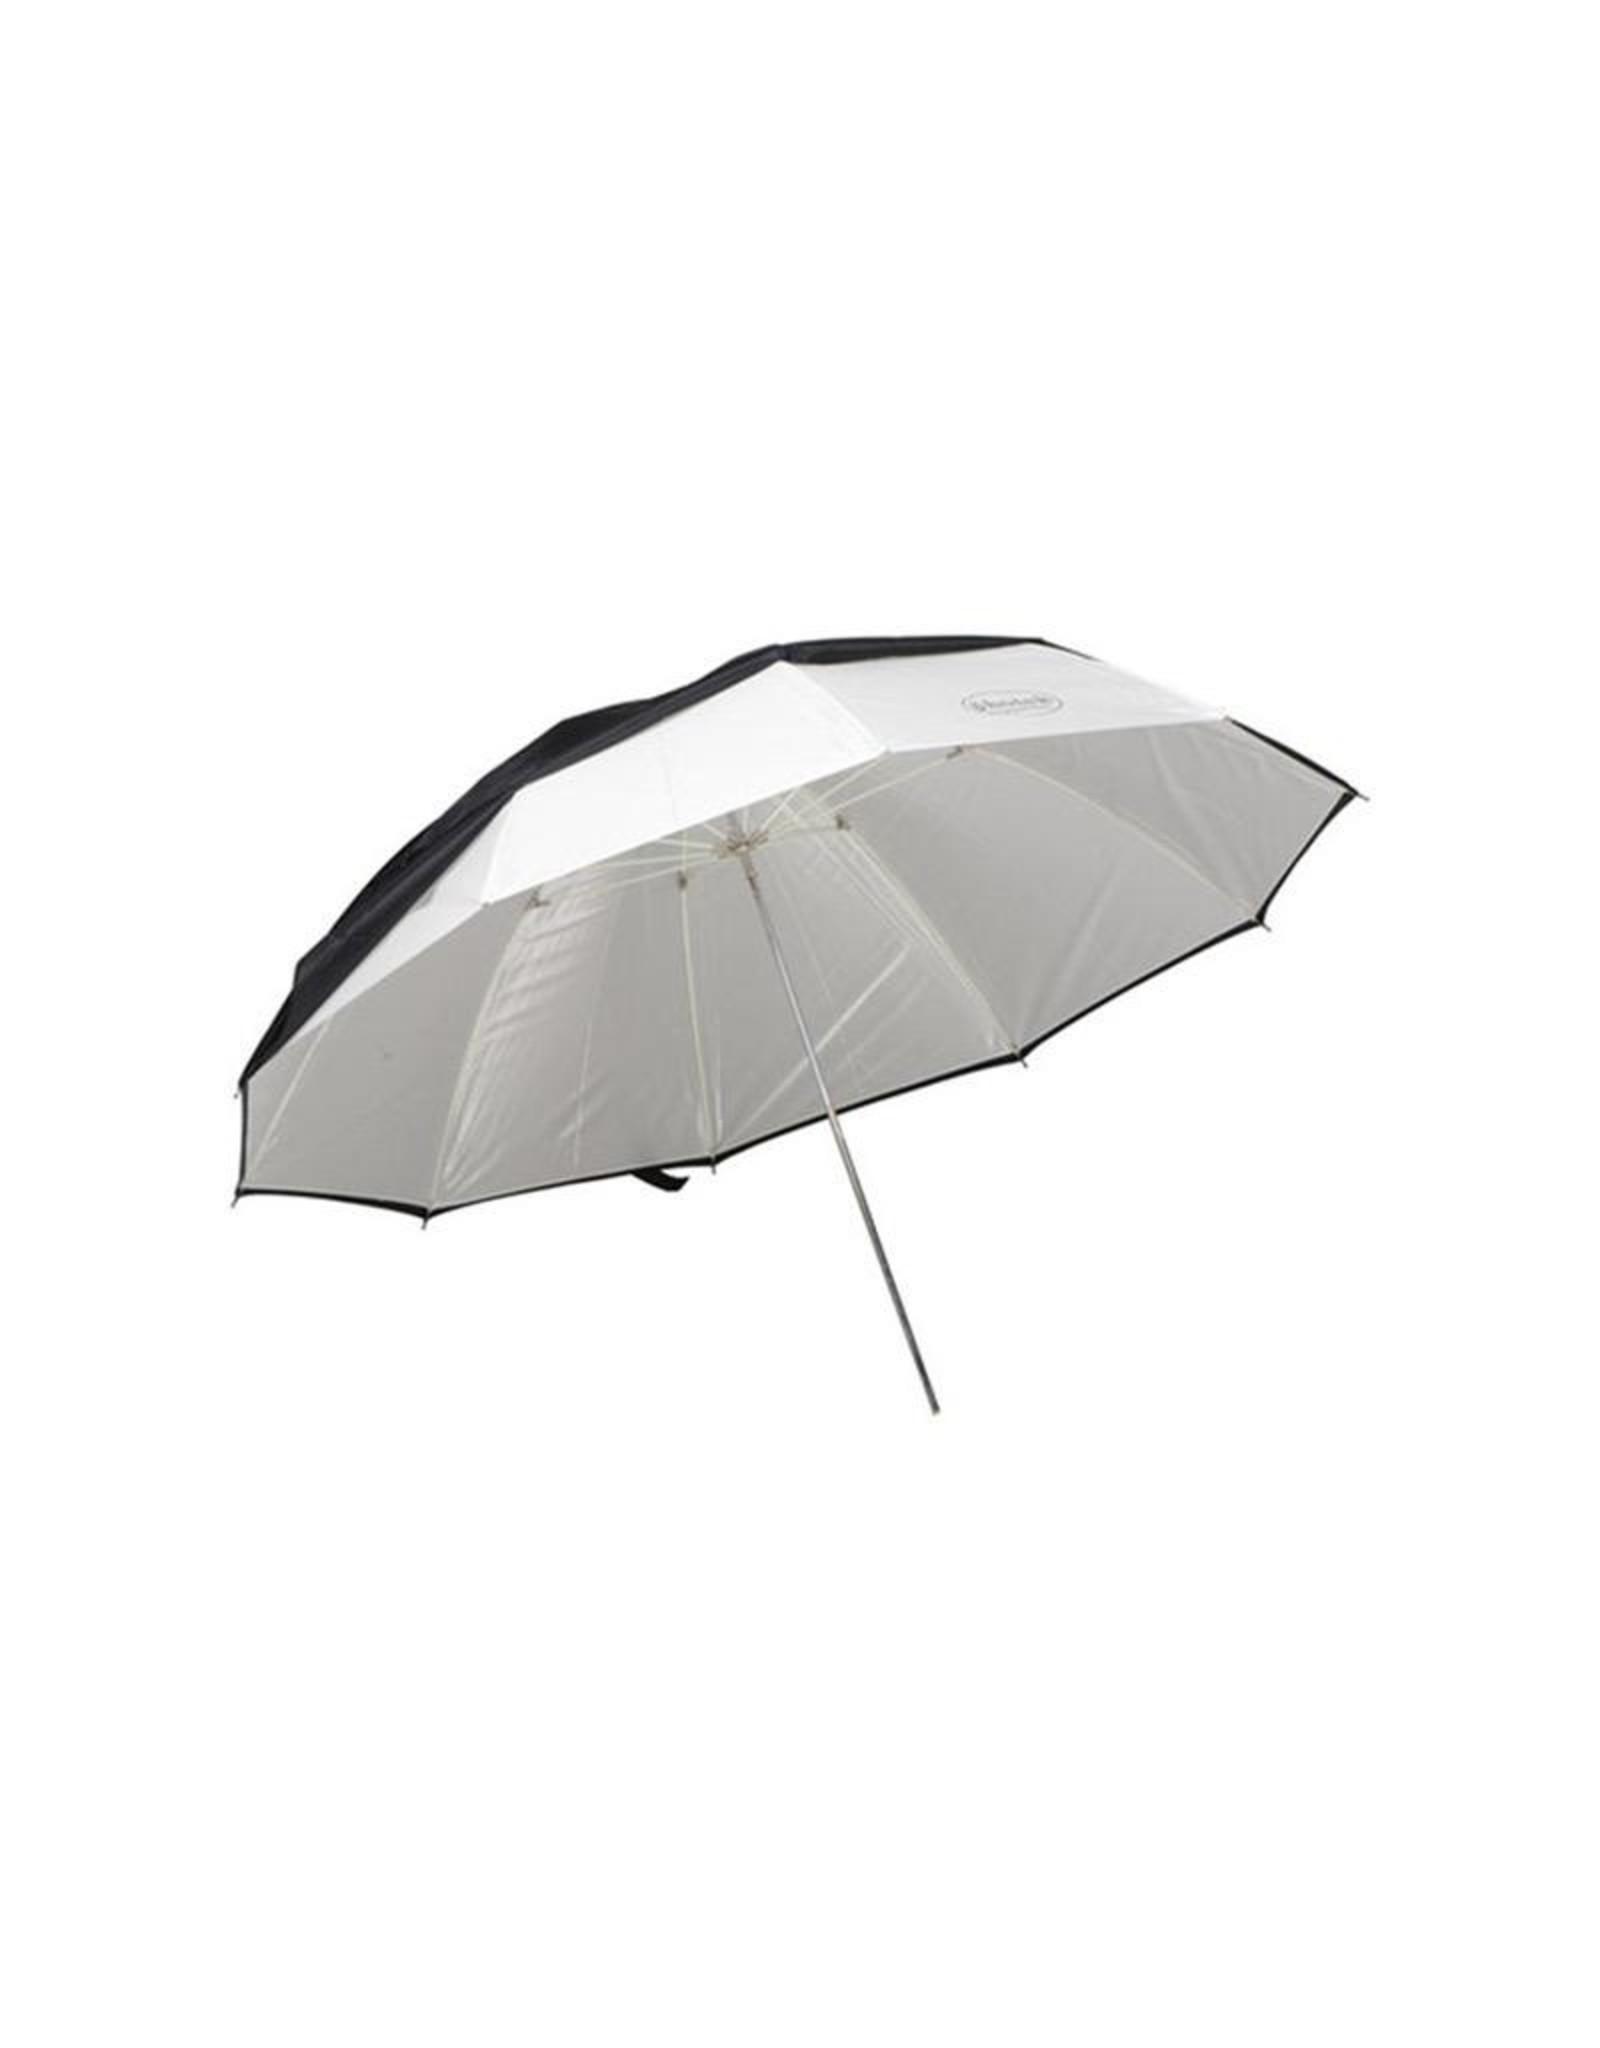 """Photek Photek GoodLighter 60"""" Large Umbrella, Slver, 8mm shaft"""